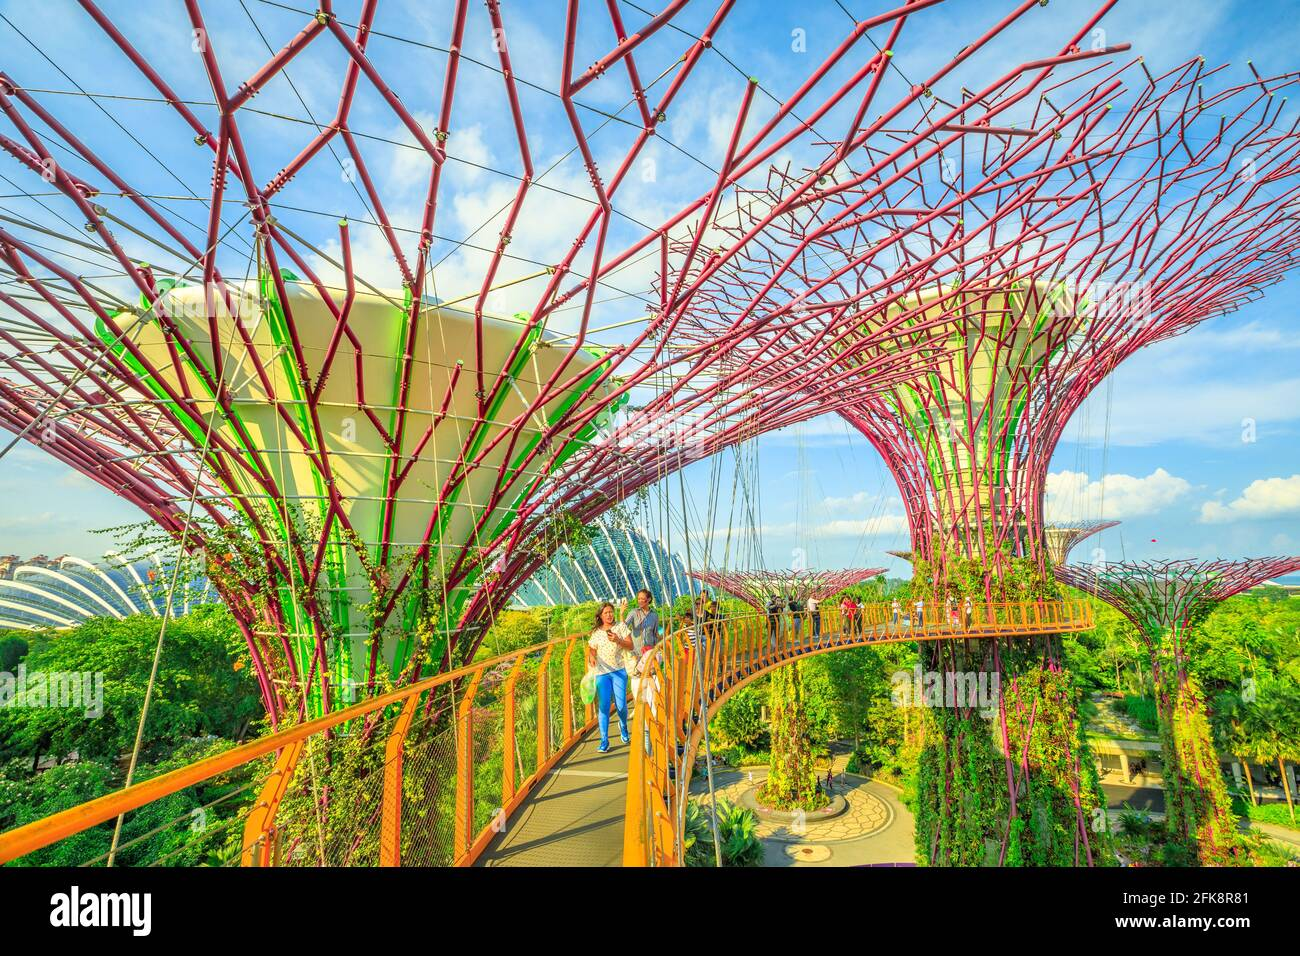 Singapur - Abril 29, 2018: Asia toma selfie turística con teléfono inteligente mientras camina sobre el puente Skyway de Supertree OCBC O Grove en jardines por la Foto de stock